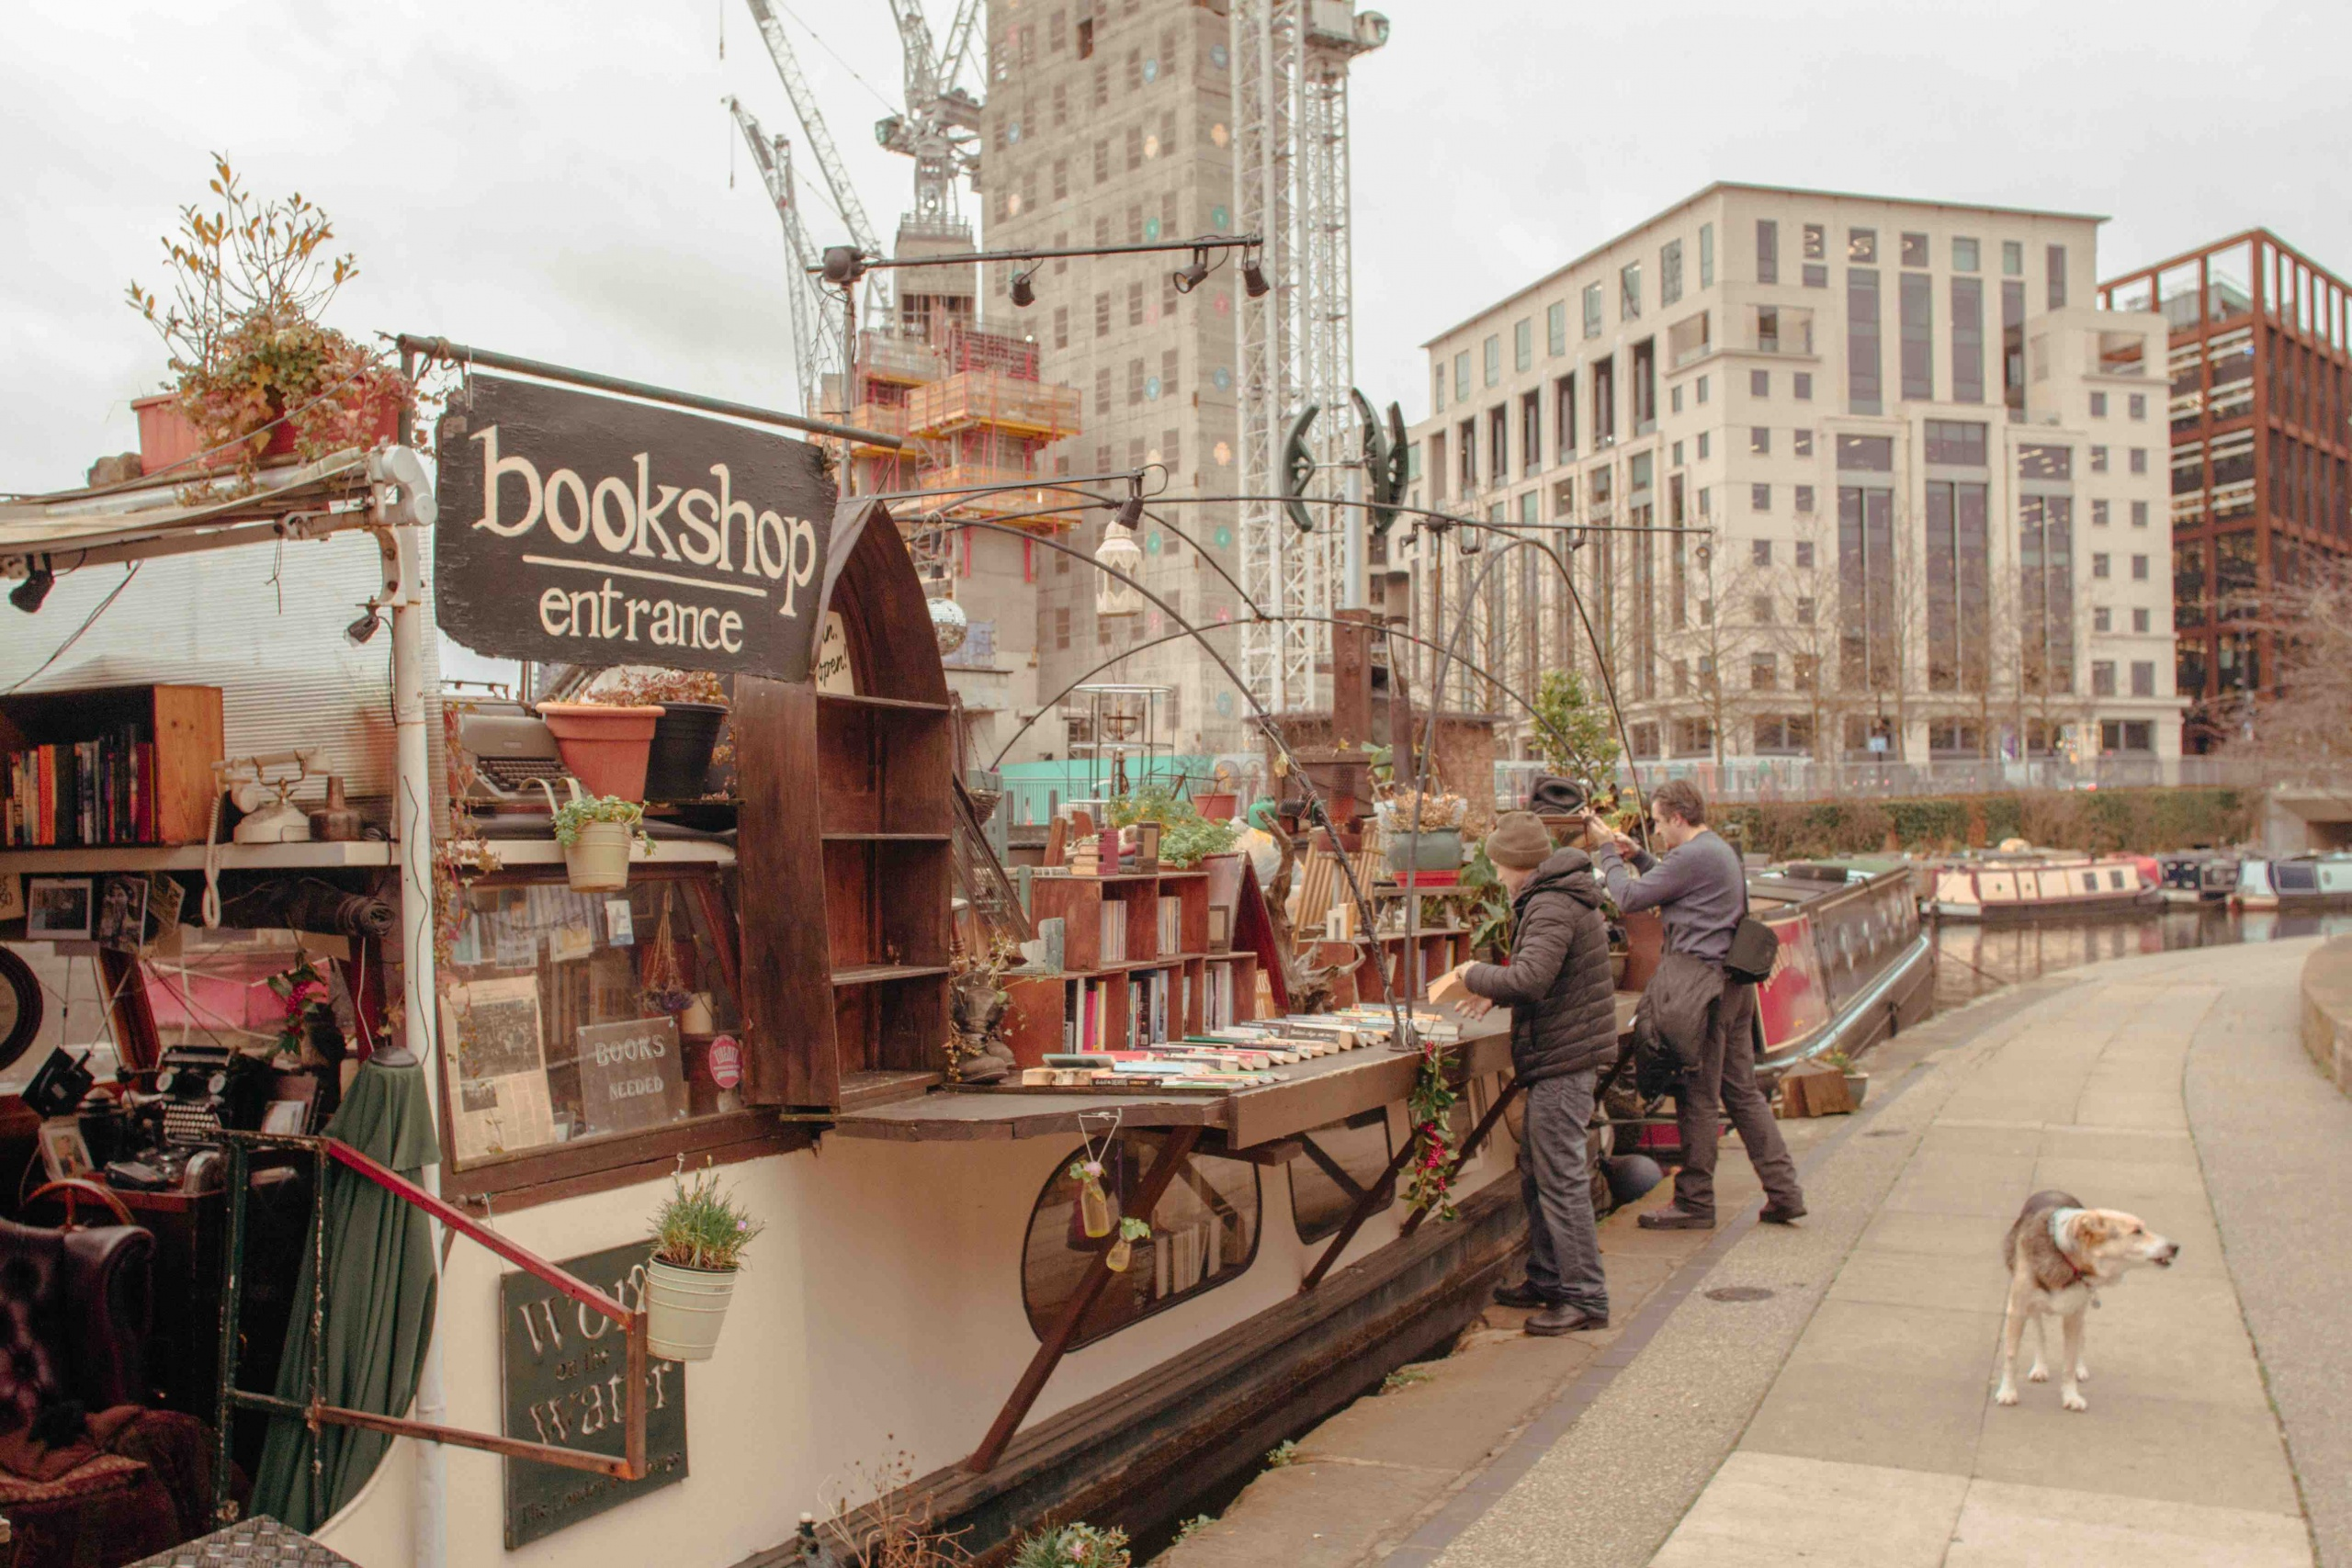 luoghi poco conosciuti di Londra: la libreria sull'acqua